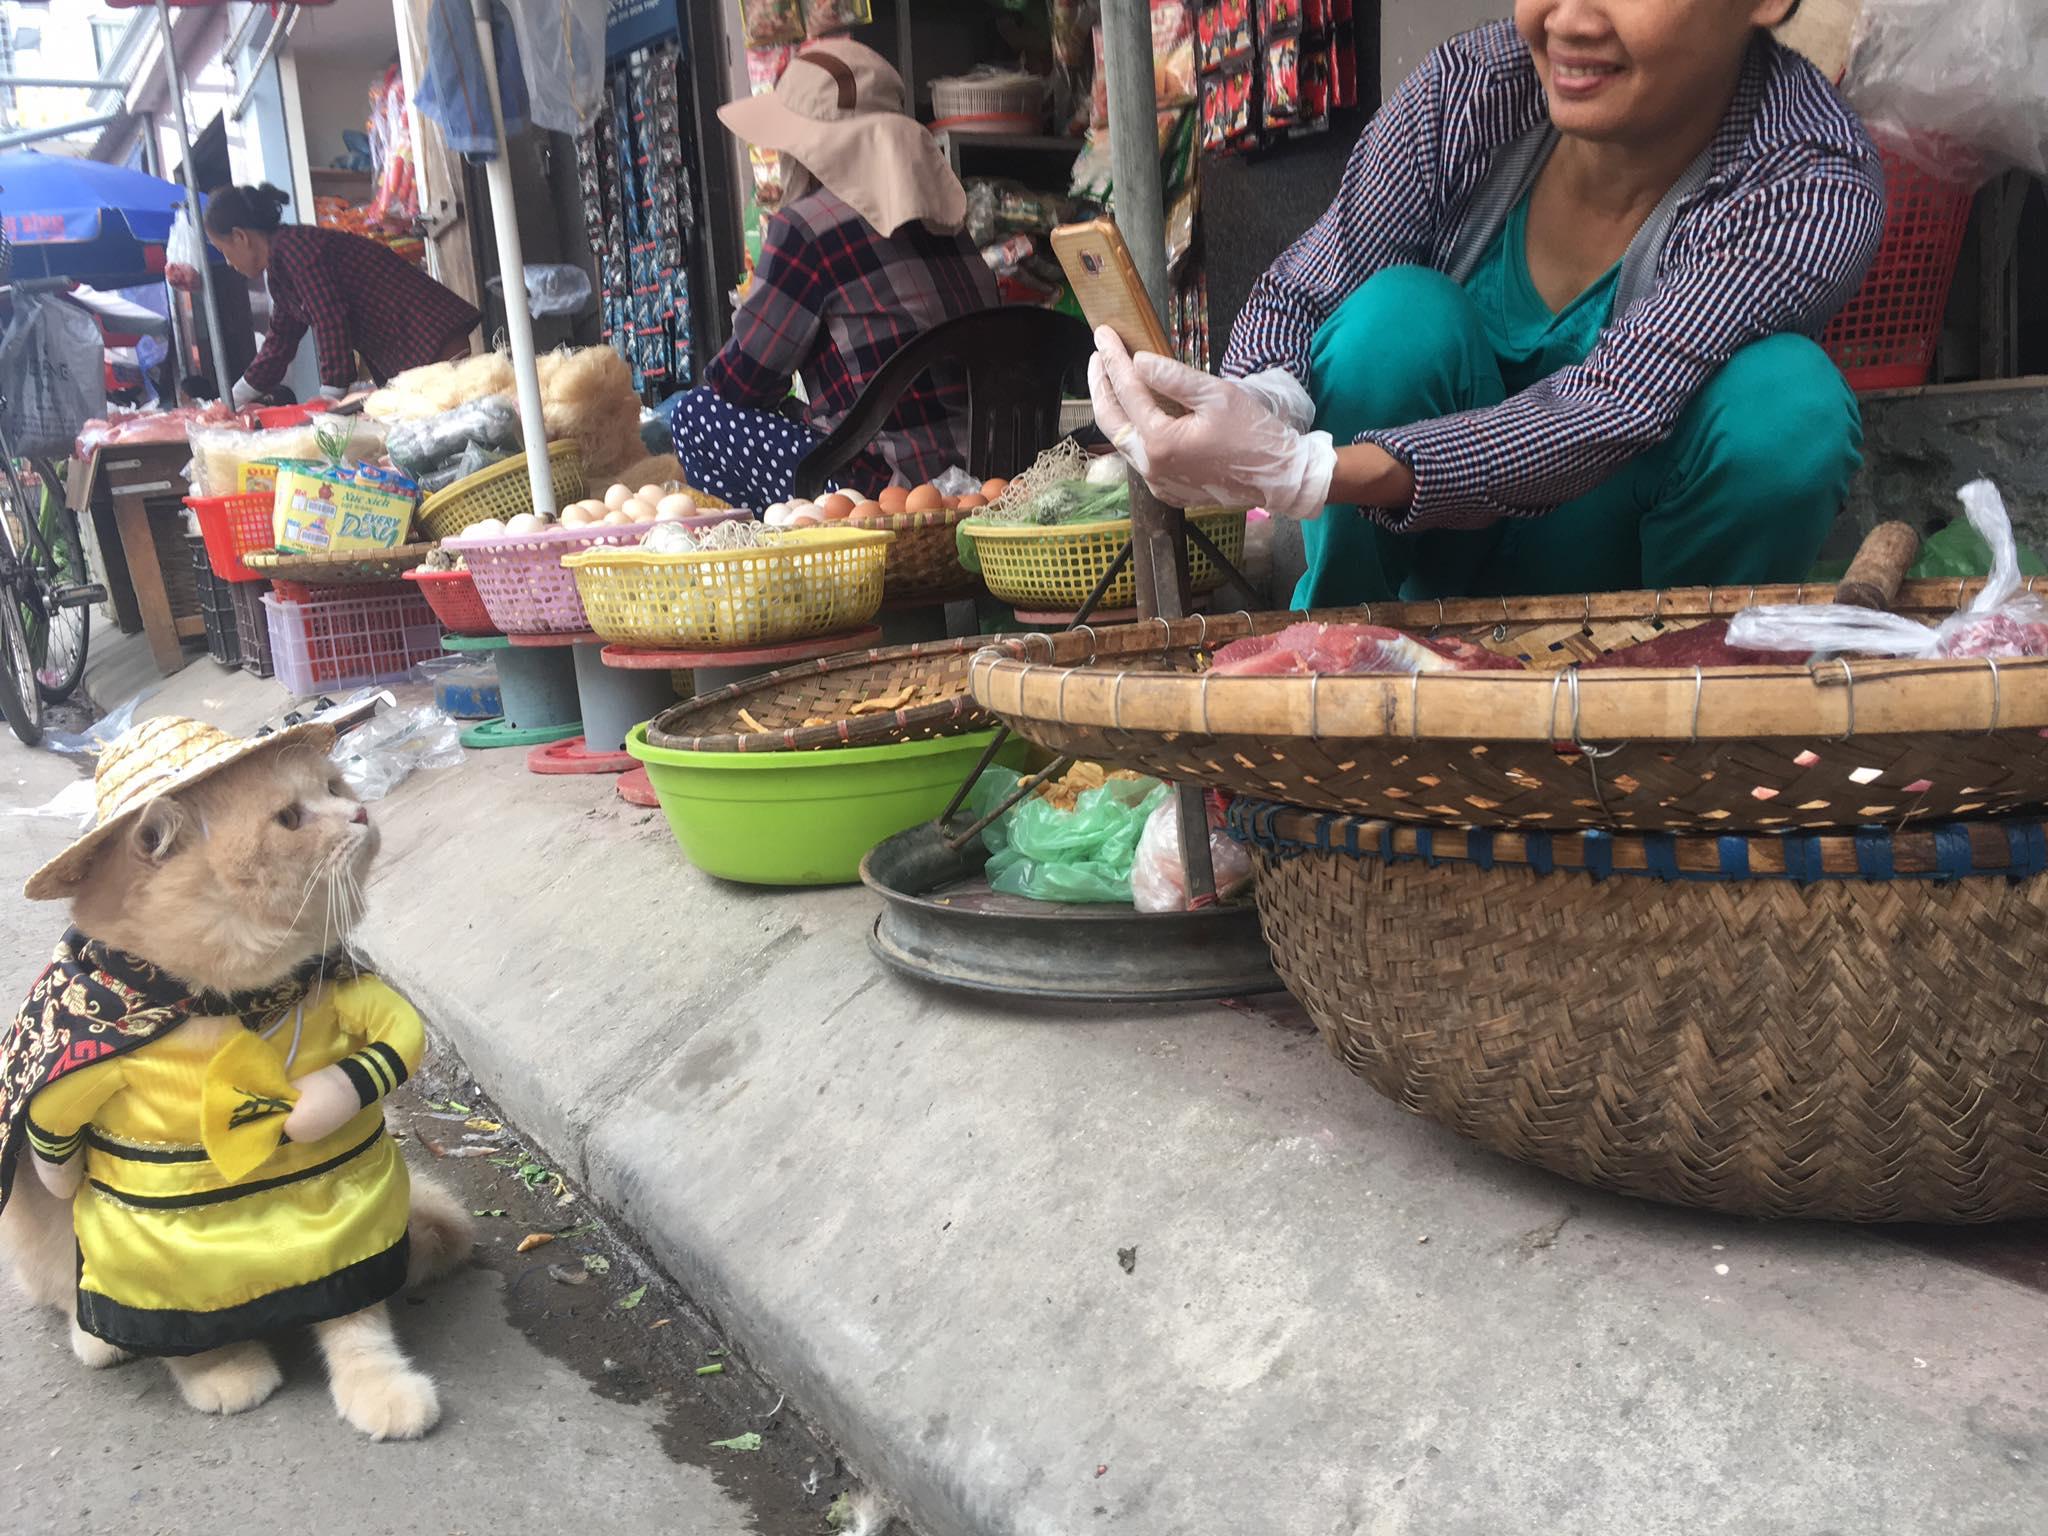 Gặp chú mèo Hoàng Thượng đi chợ vi hành, các con sen đều đứng ngồi không yên - Ảnh 2.